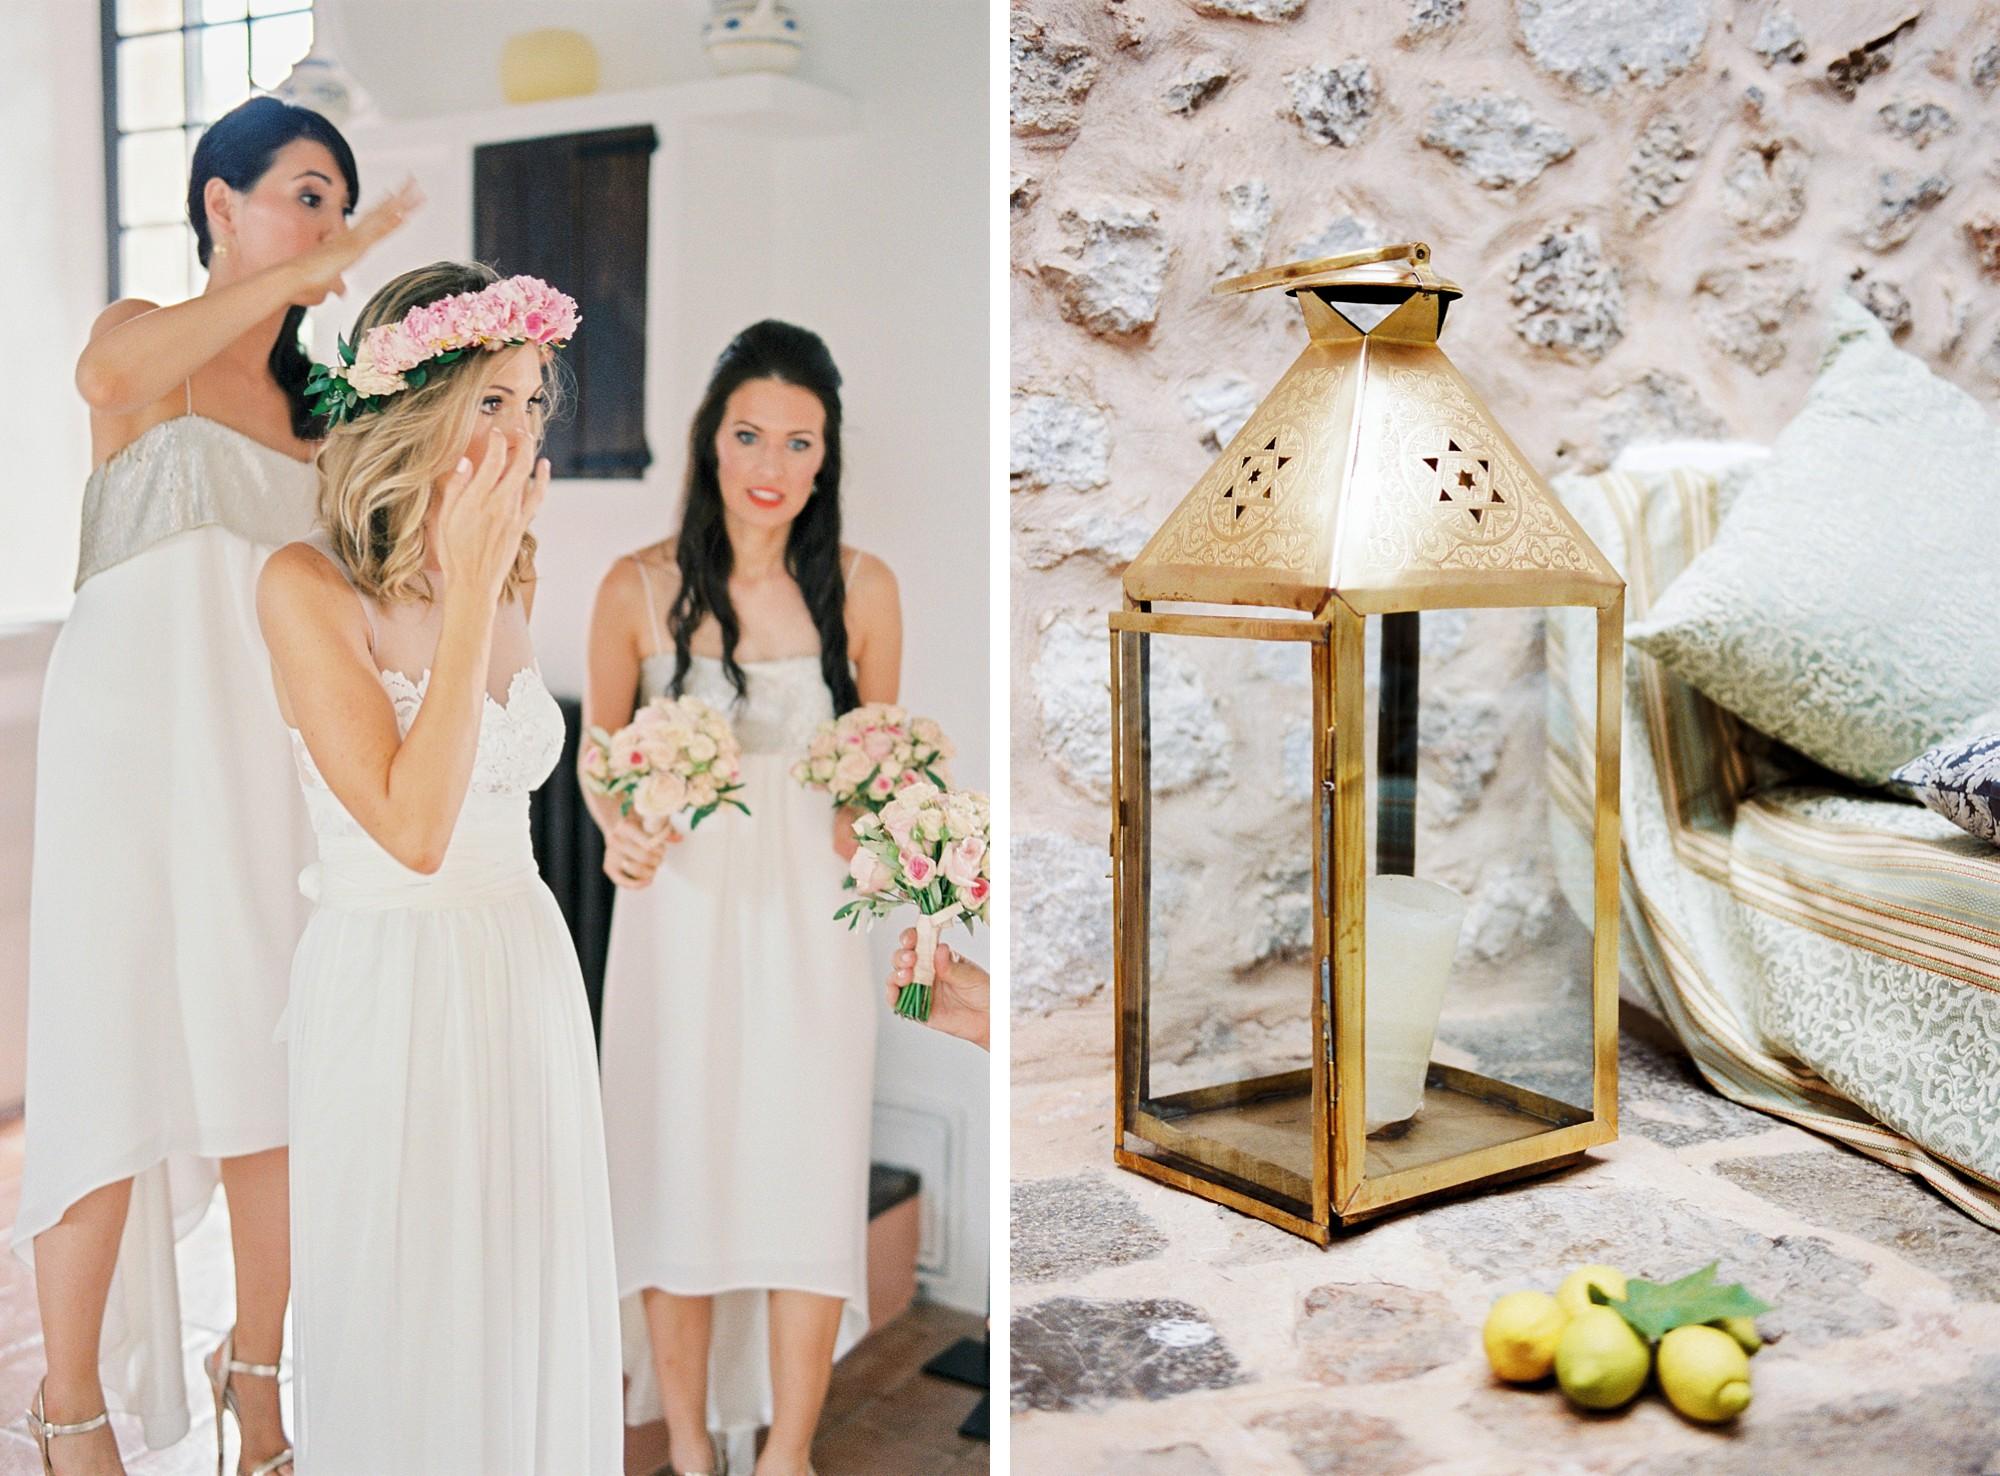 fotografos de boda en valencia barcelona mallorca wedding photographer052.jpg